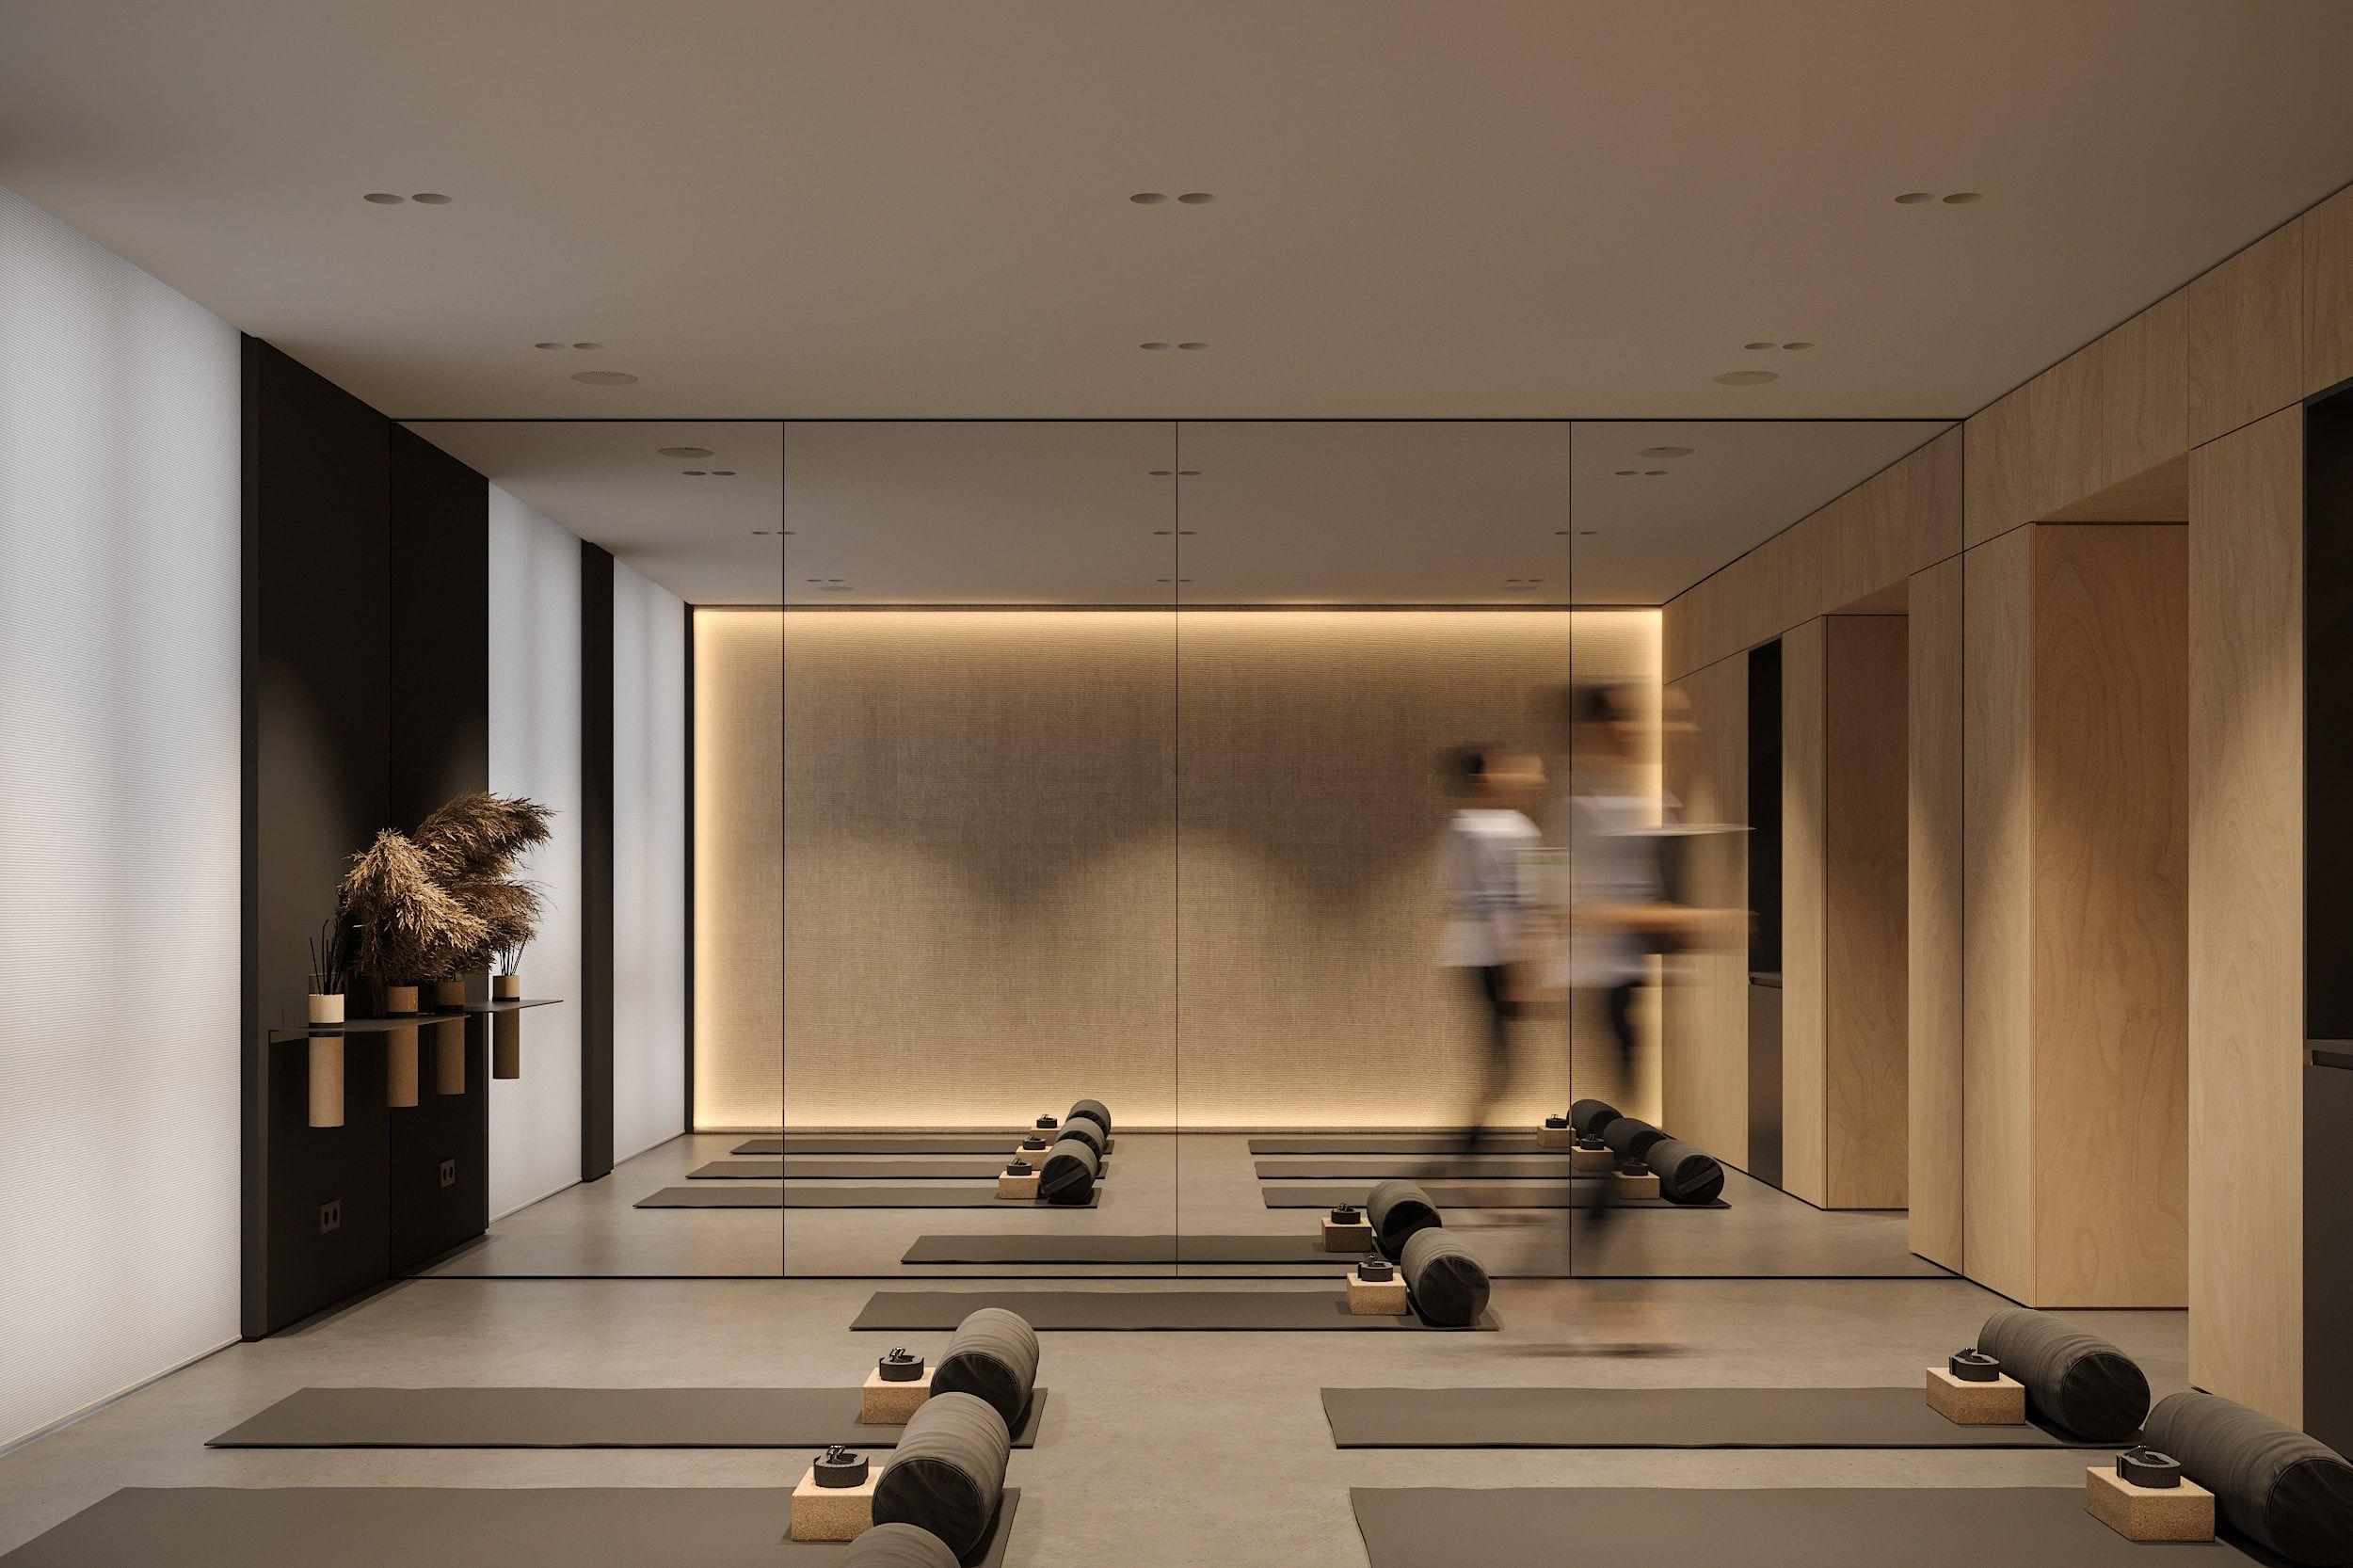 查看此 Behance 项目 Little Yoga Https Www Behance Net Gallery 83507273 Little Yoga Yoga Room Design Gym Room At Home Yoga Studio Design